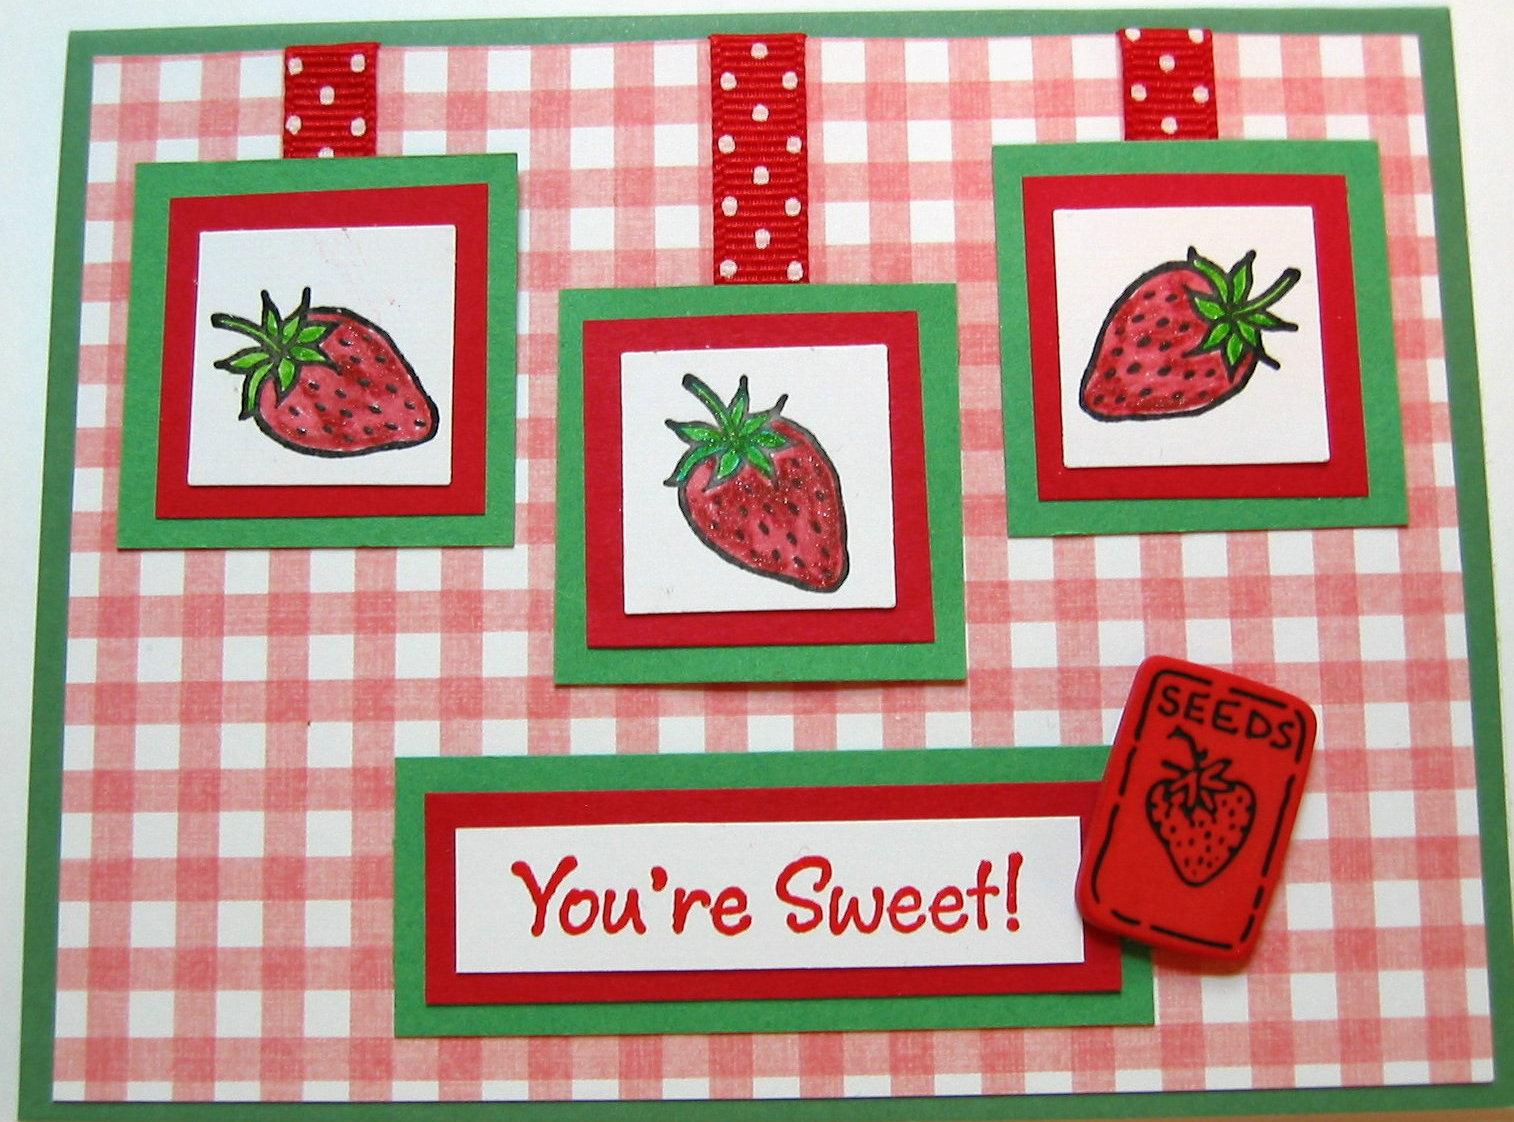 Healthy Food Logo Slogan Strawberry Stock Vector 339137741 ...